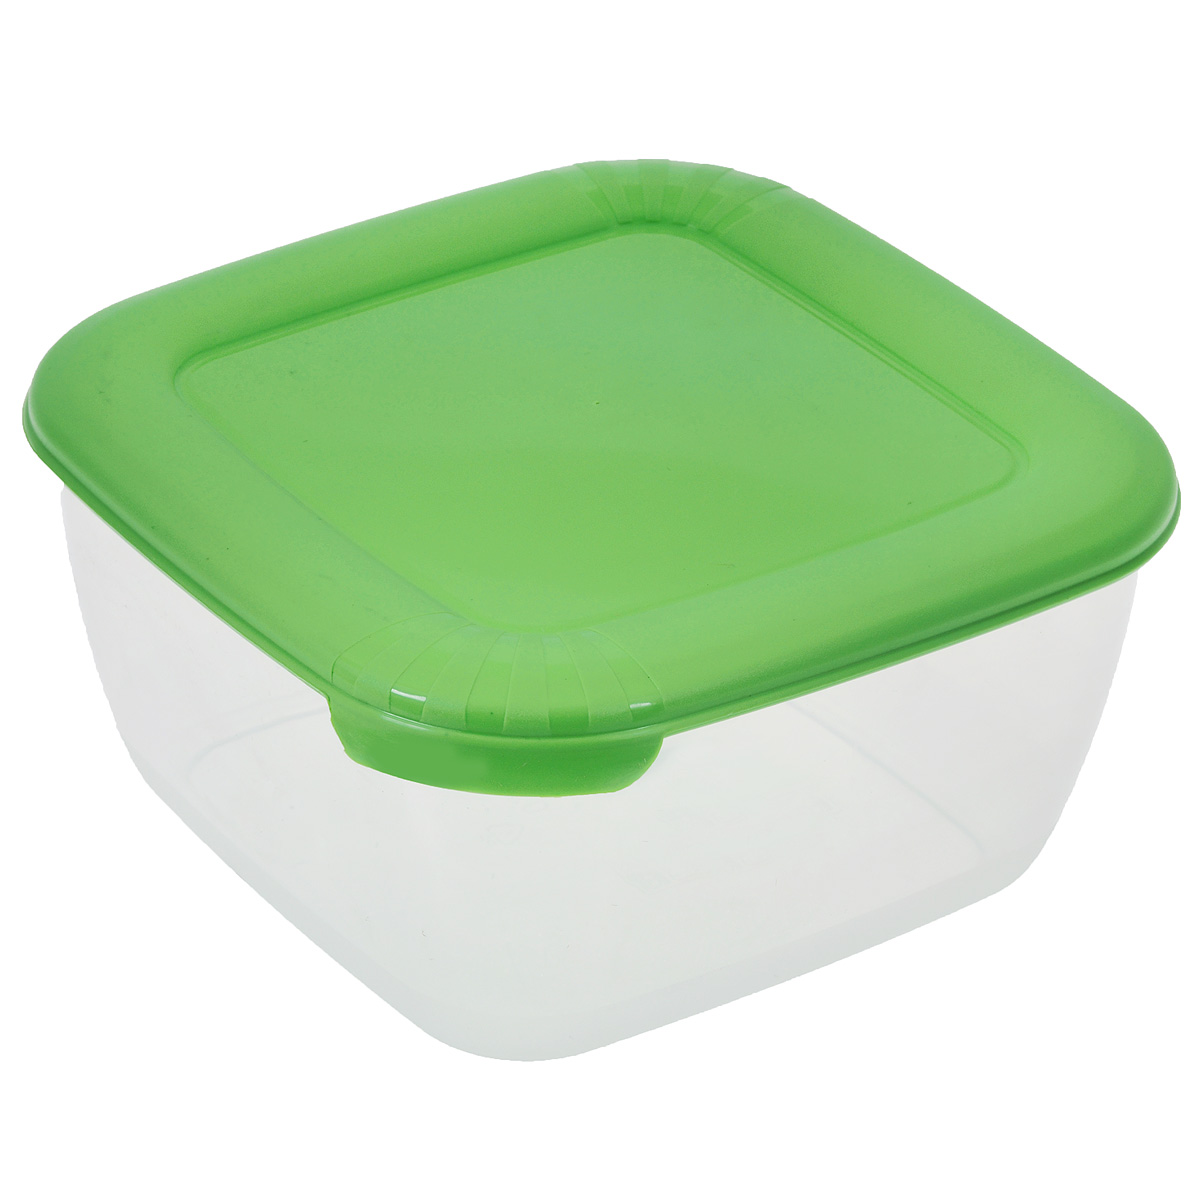 """Контейнер Полимербыт """"Лайт"""" квадратной формы, изготовленный из прочного пластика, предназначен специально для хранения пищевых продуктов. Крышка легко открывается и плотно закрывается.   Контейнер устойчив к воздействию масел и жиров, легко моется. Прозрачные стенки позволяют видеть содержимое. Контейнер имеет возможность хранения продуктов глубокой заморозки, обладает  высокой прочностью.  Можно мыть в посудомоечной машине. Контейнер подходит для использования в микроволновой печи без крышки, а также для заморозки в морозильной камере."""